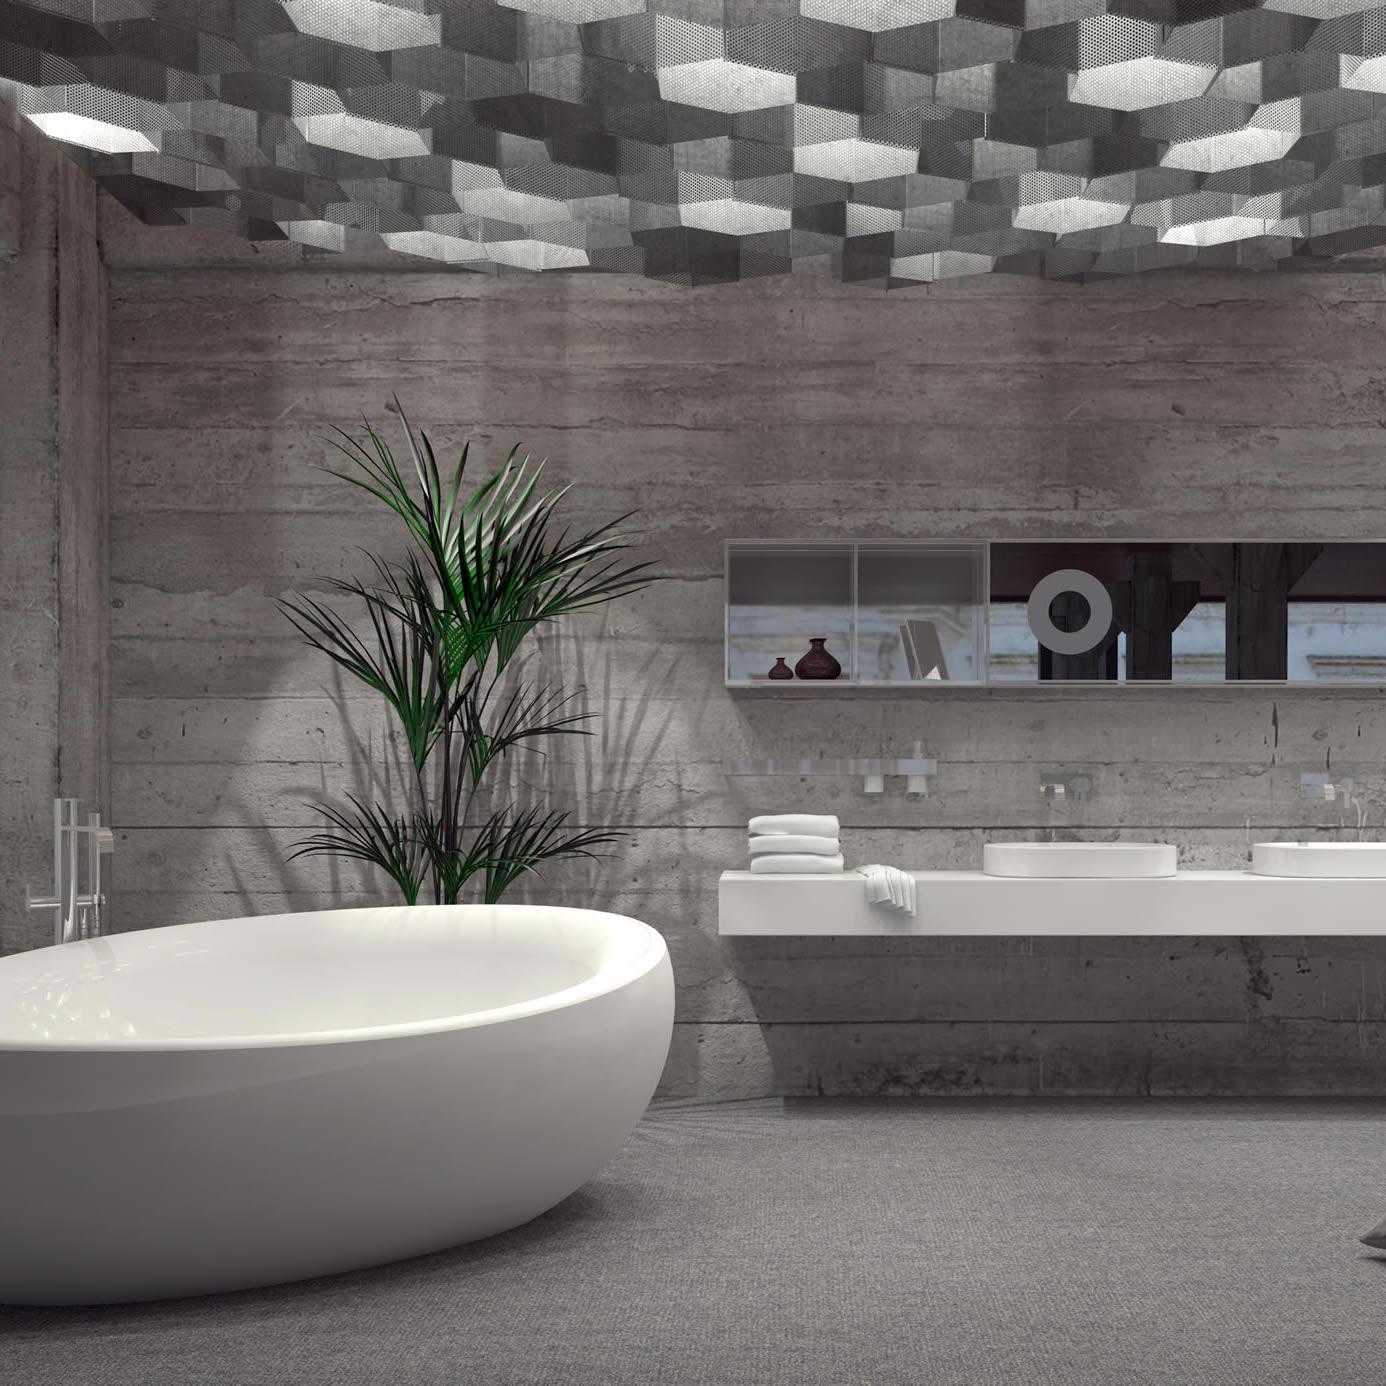 cumberland-interiors-pic